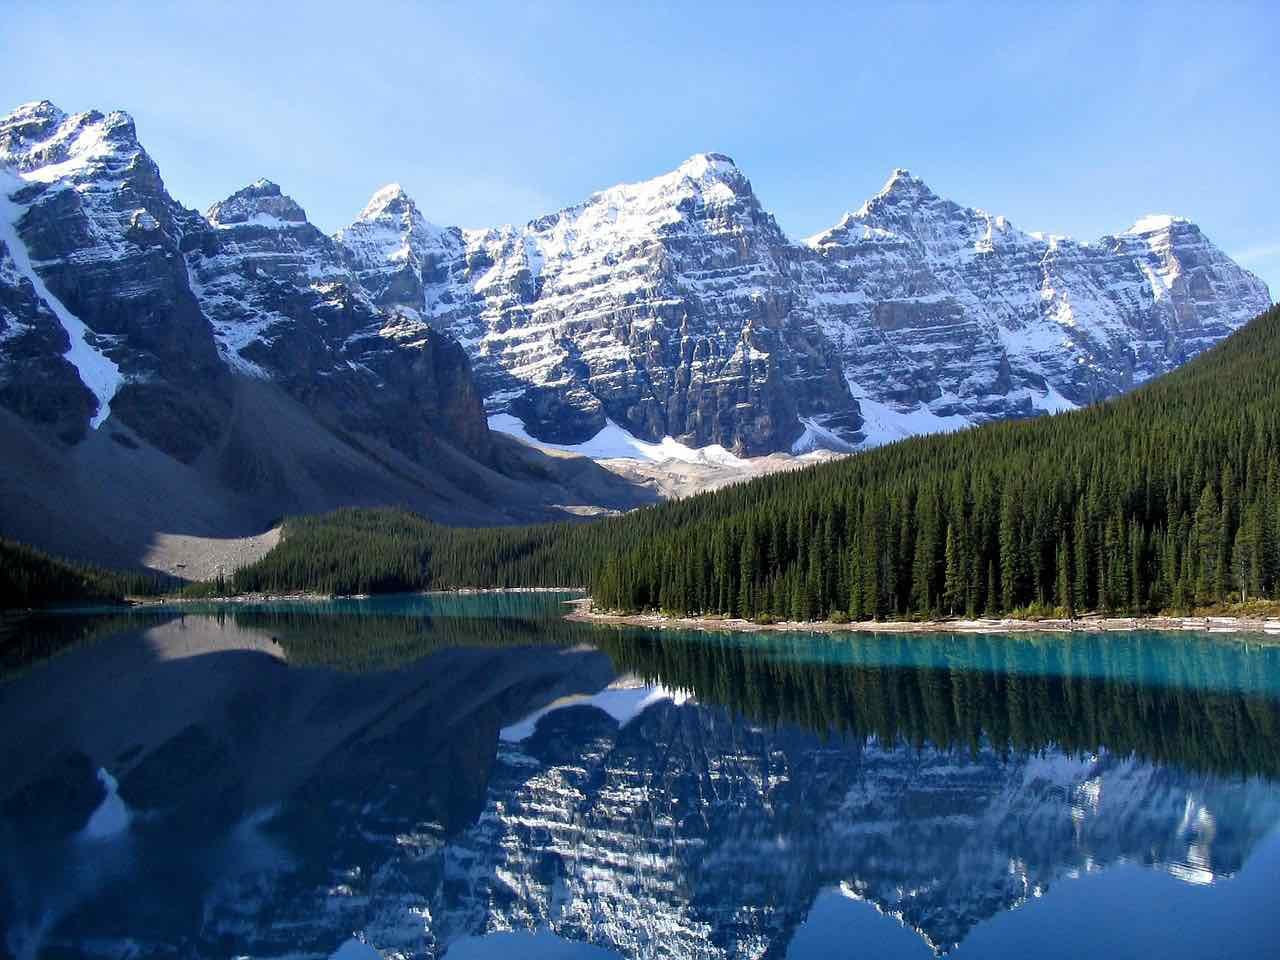 Parque Nacional Banff, Canadá - Visite las espectaculares Montañas Rocosas en Lago Moraine.